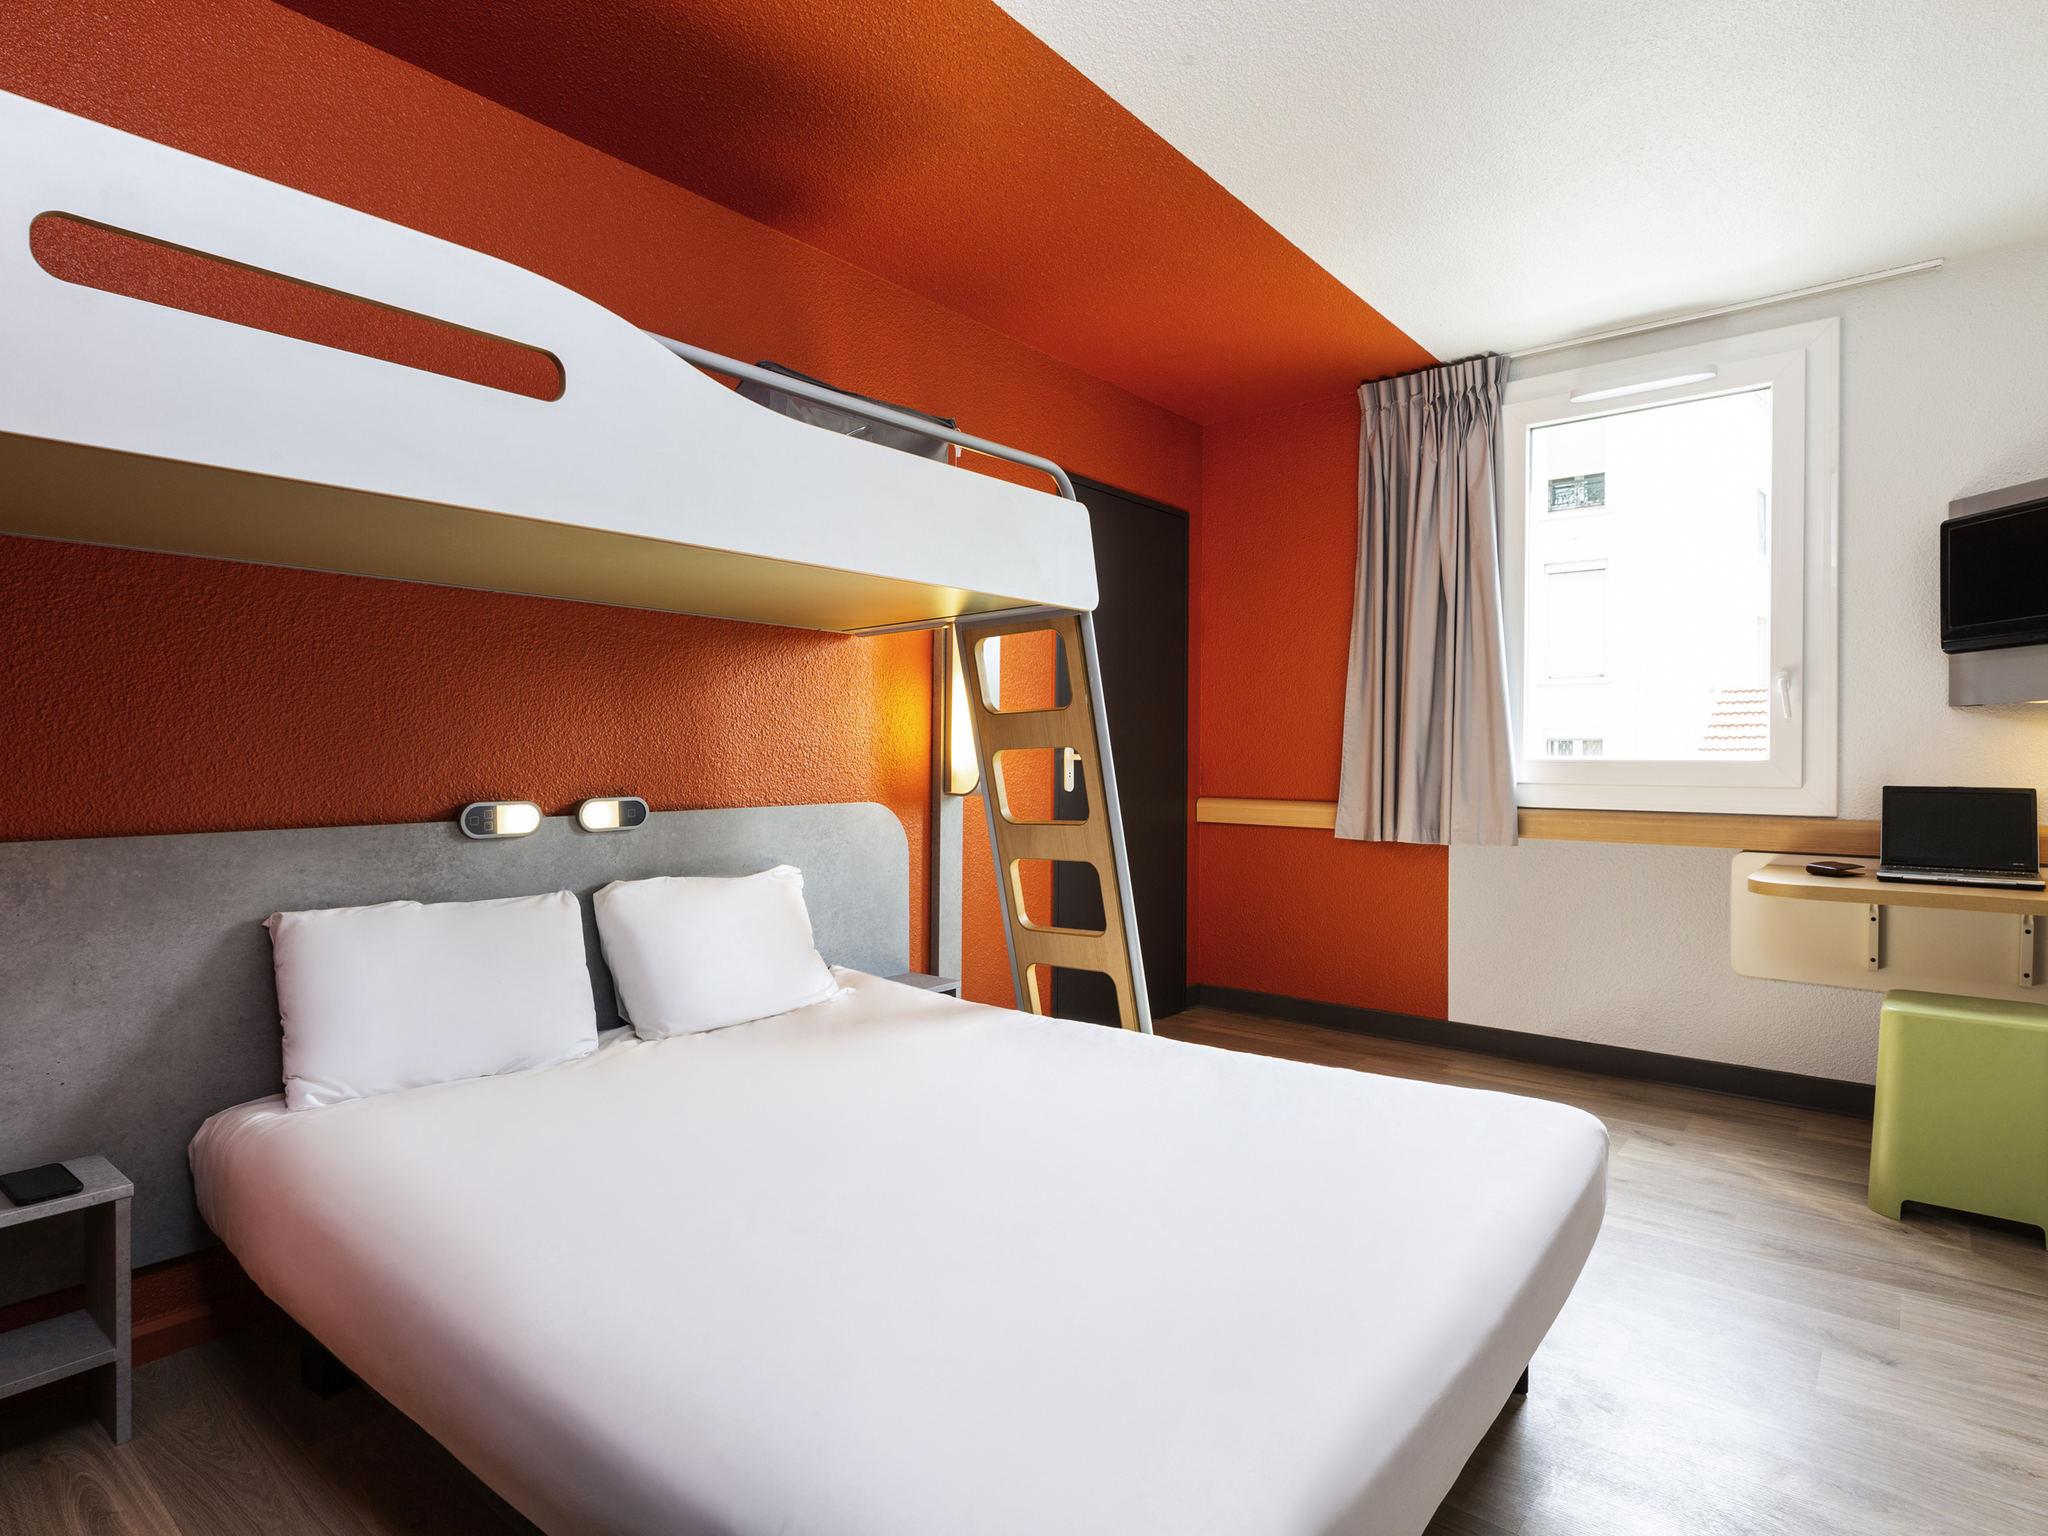 Hotel in paris ibis budget paris porte de vincennes - Ibis budget hotel porte de vincennes ...